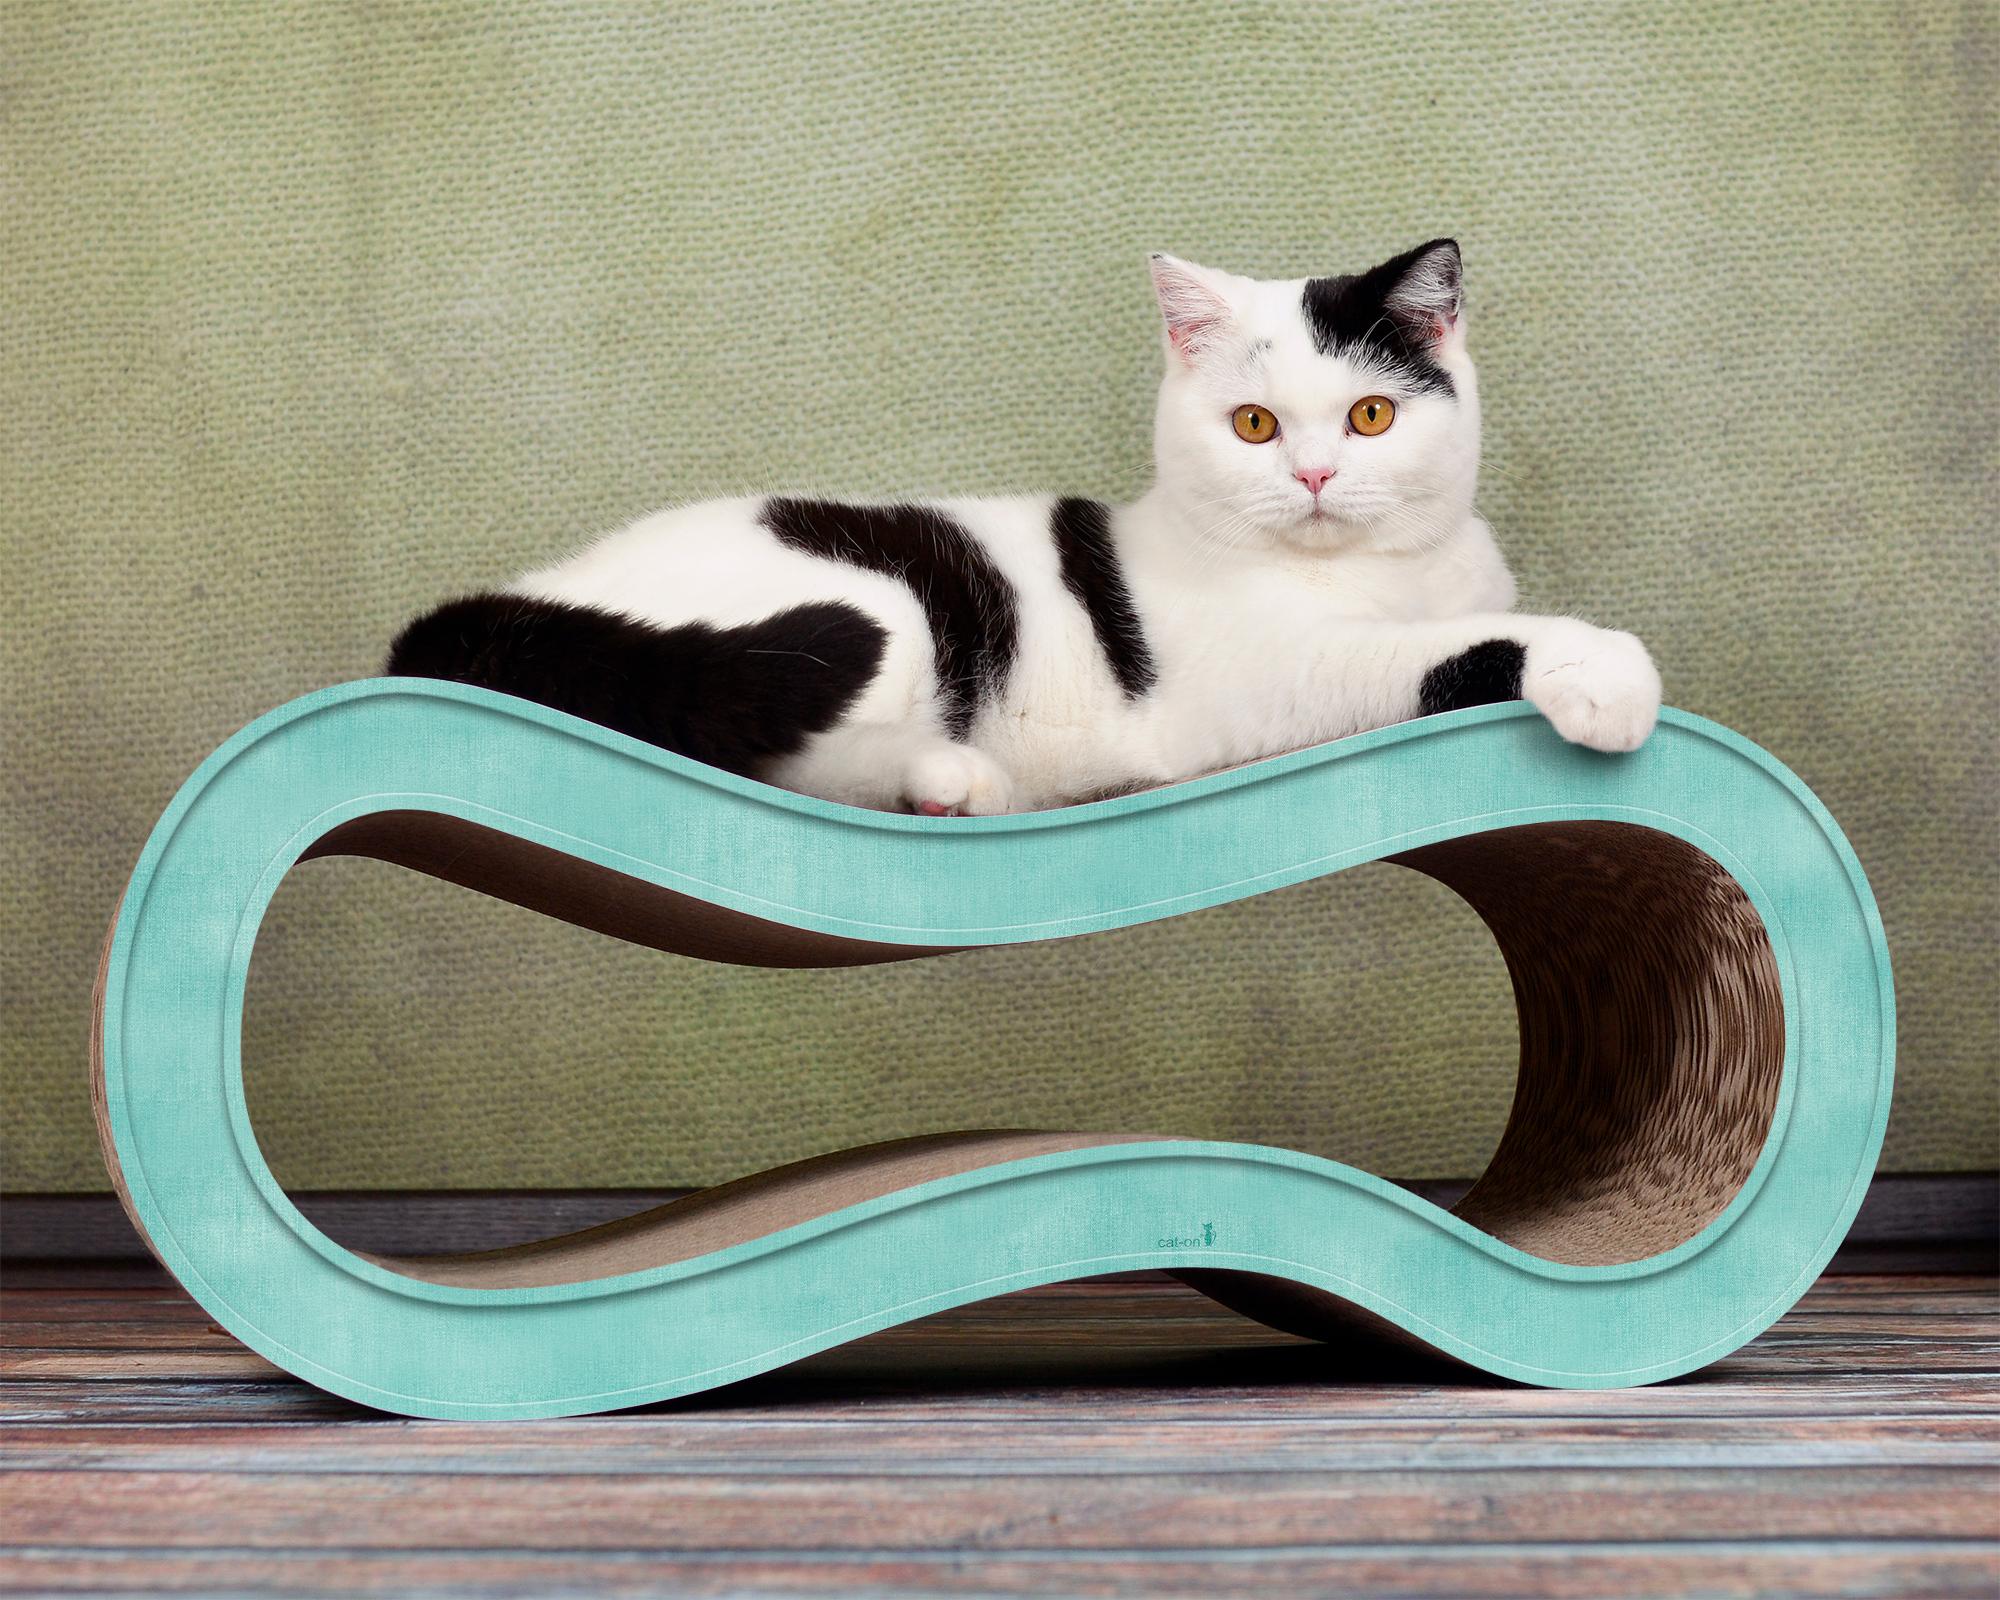 Pappmöbel für Katzen Singha M in türkis 006c